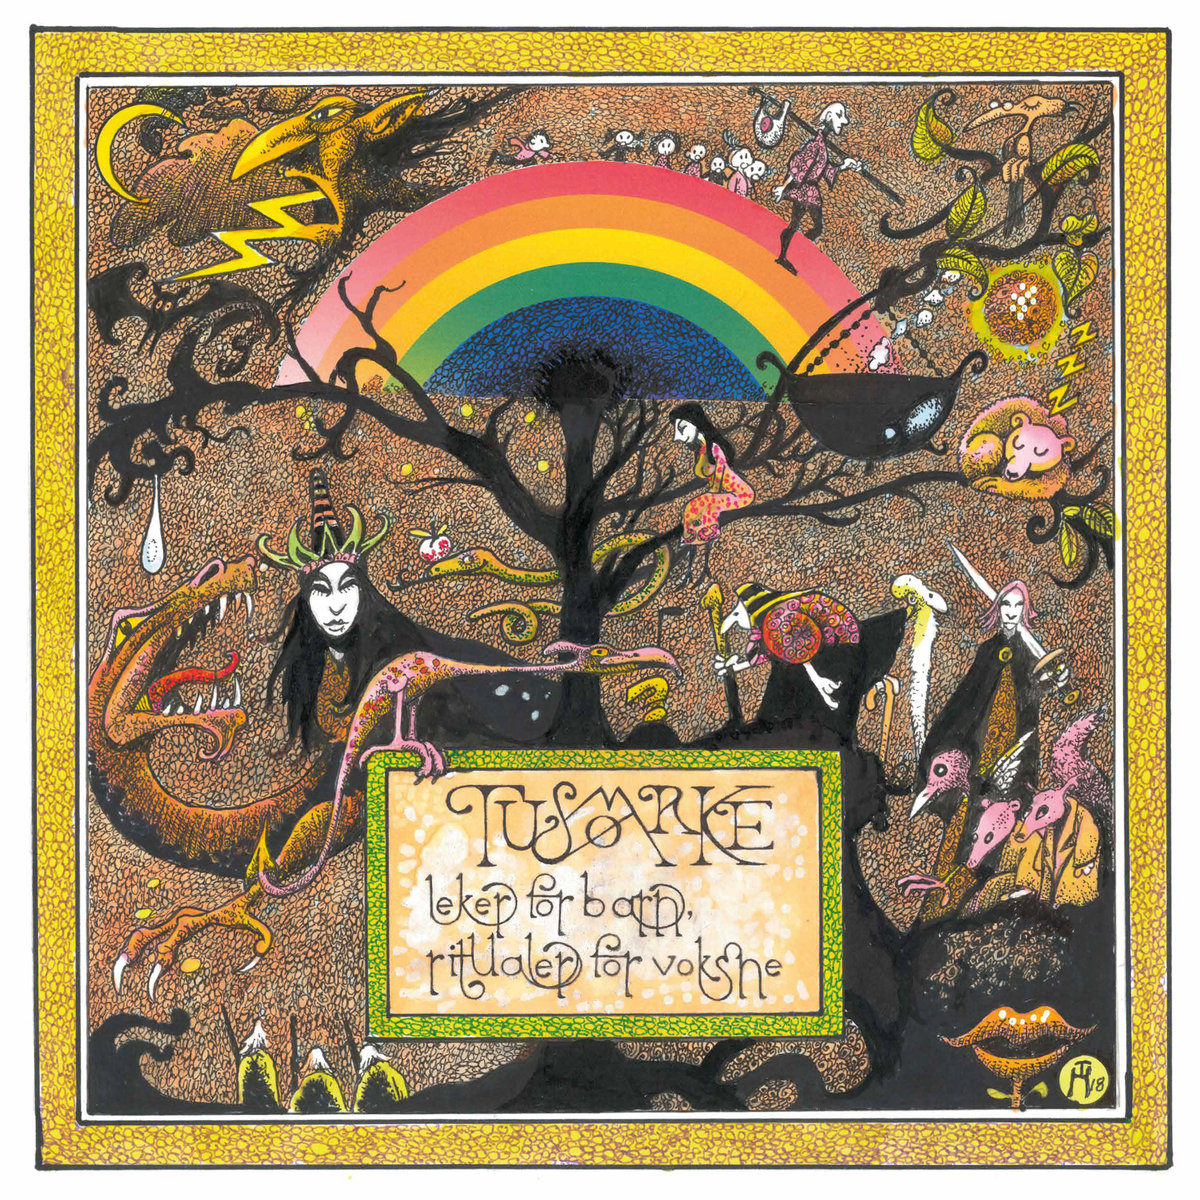 Tusmørke - Leker For Barn, Ritualer For Voksne [LTD LP] (White vinyl)